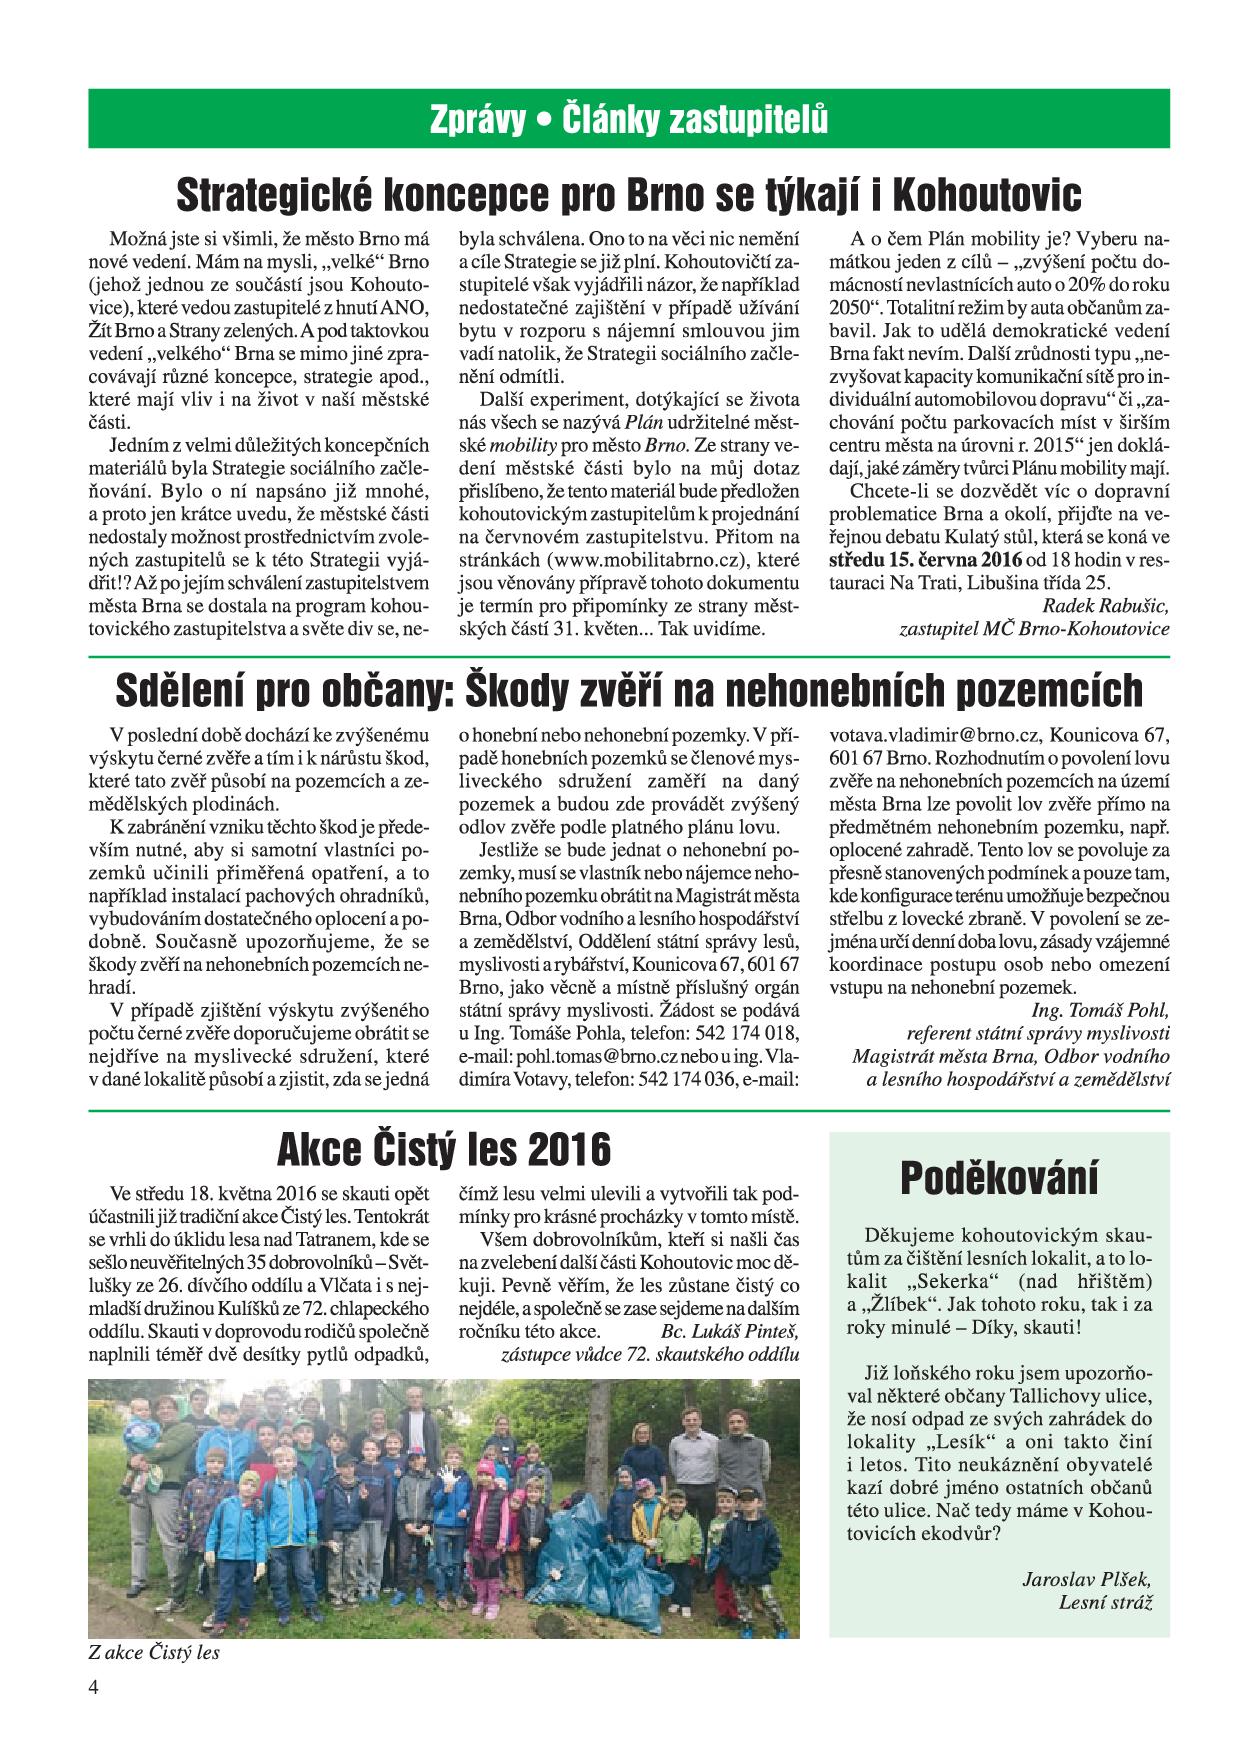 KK 6-2016-Kohoutovický-kurýr-brno-kohoutovice-červen-04